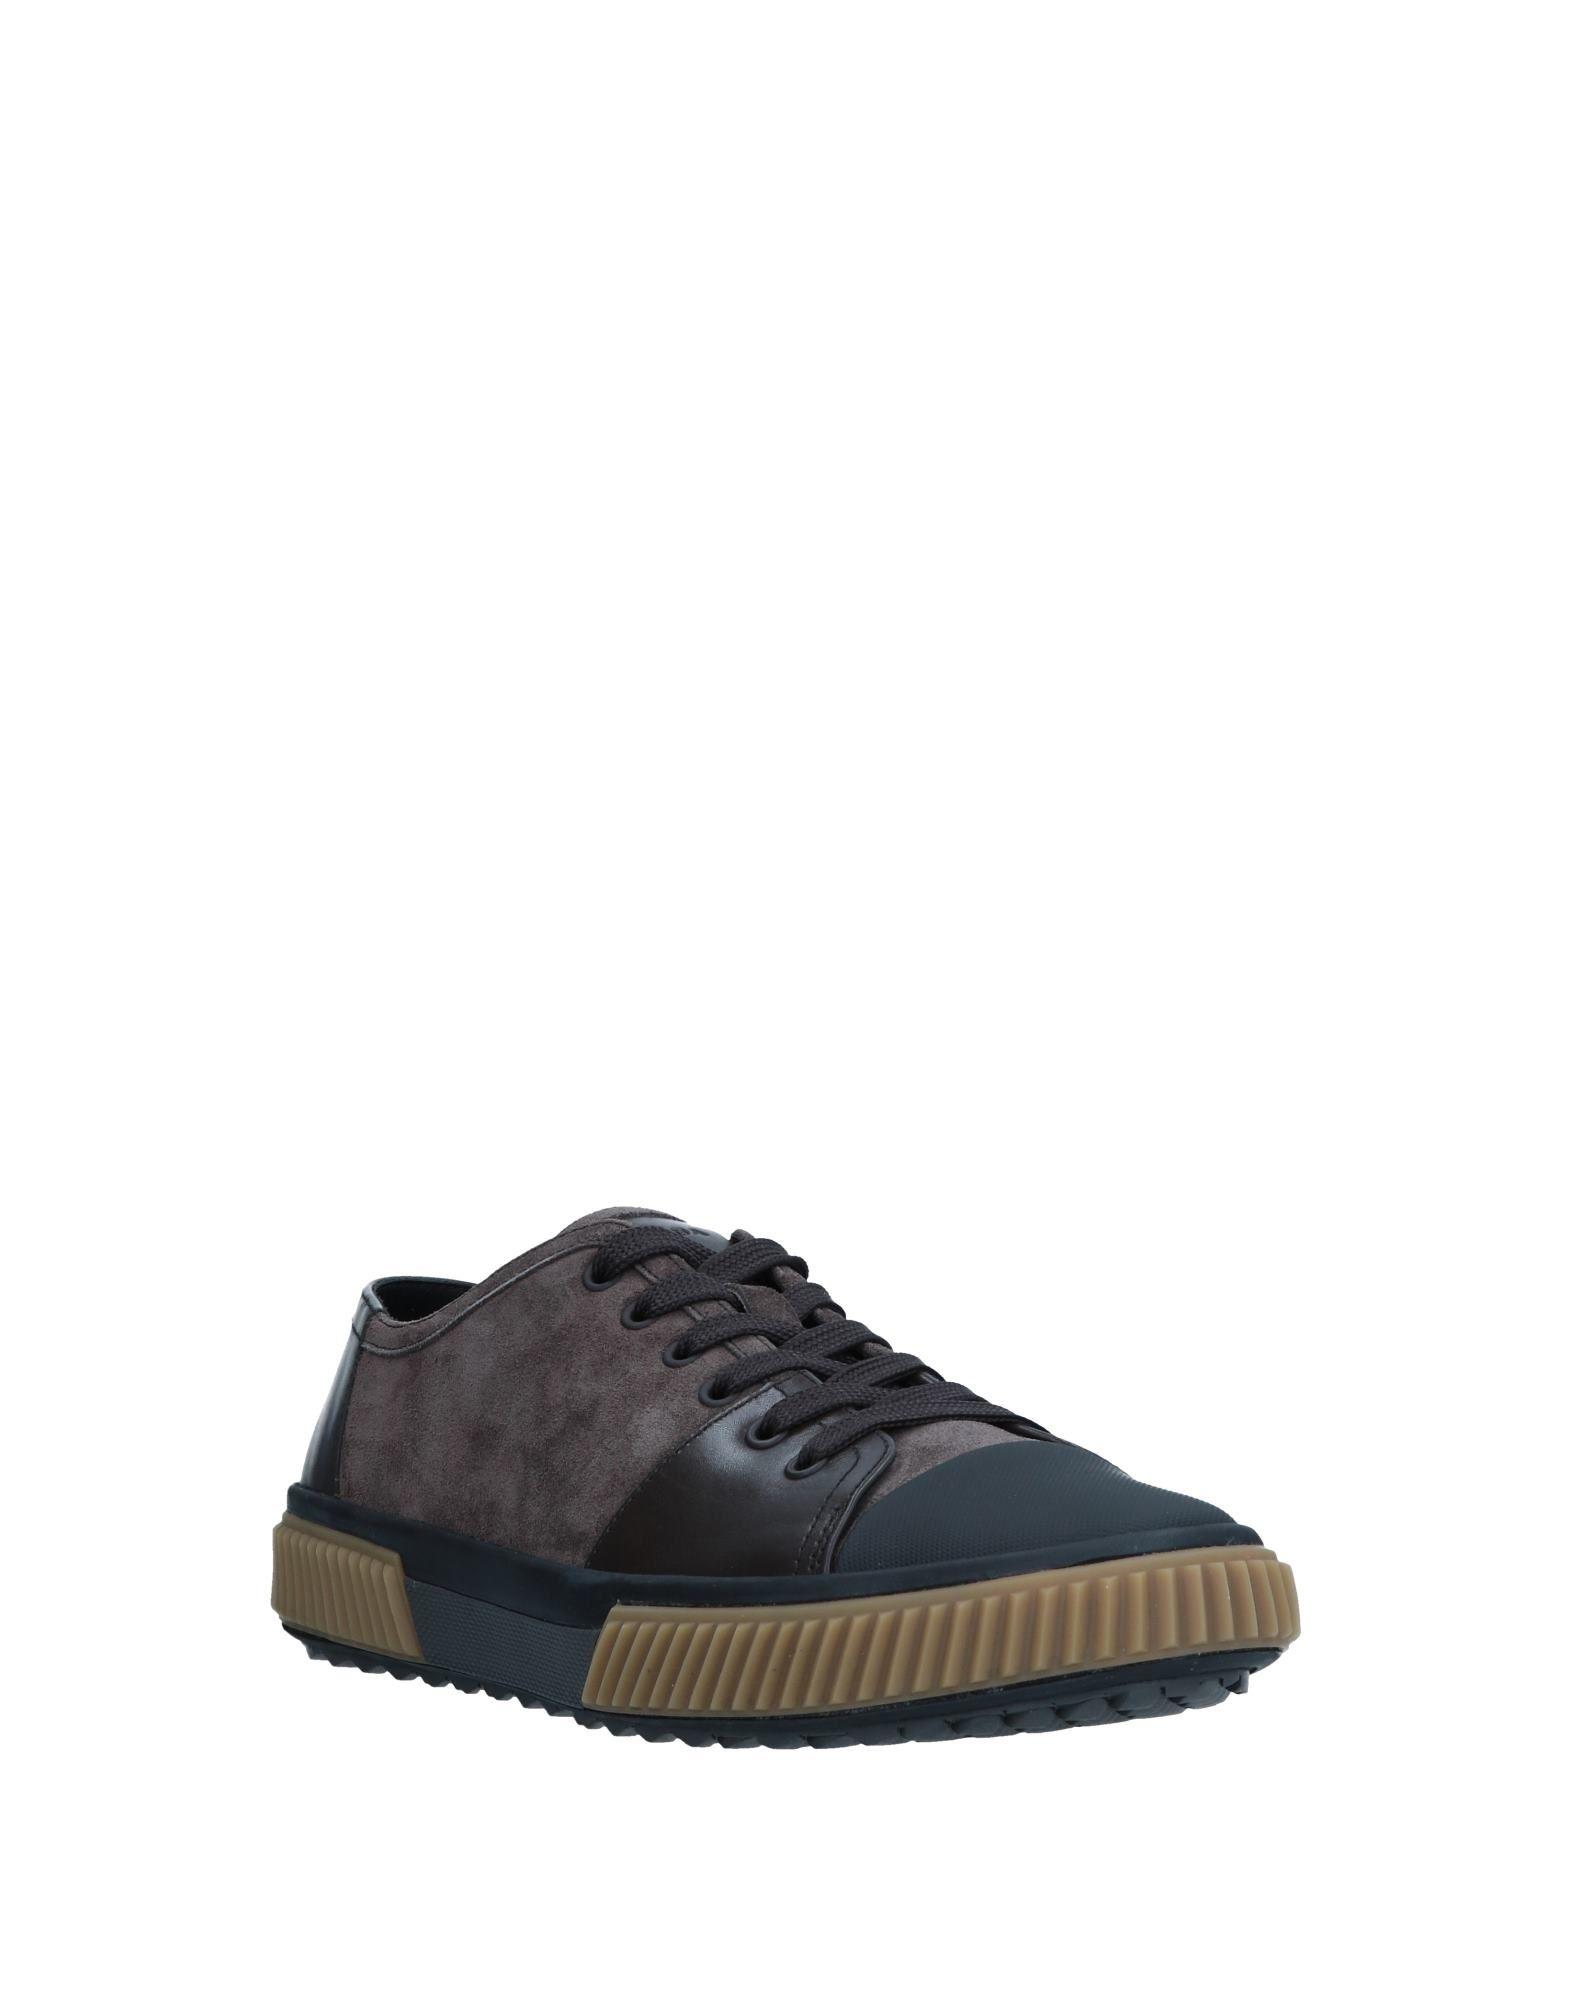 Prada Sport Sneakers Herren Gutes 7656 Preis-Leistungs-Verhältnis, es lohnt sich 7656 Gutes e1783c